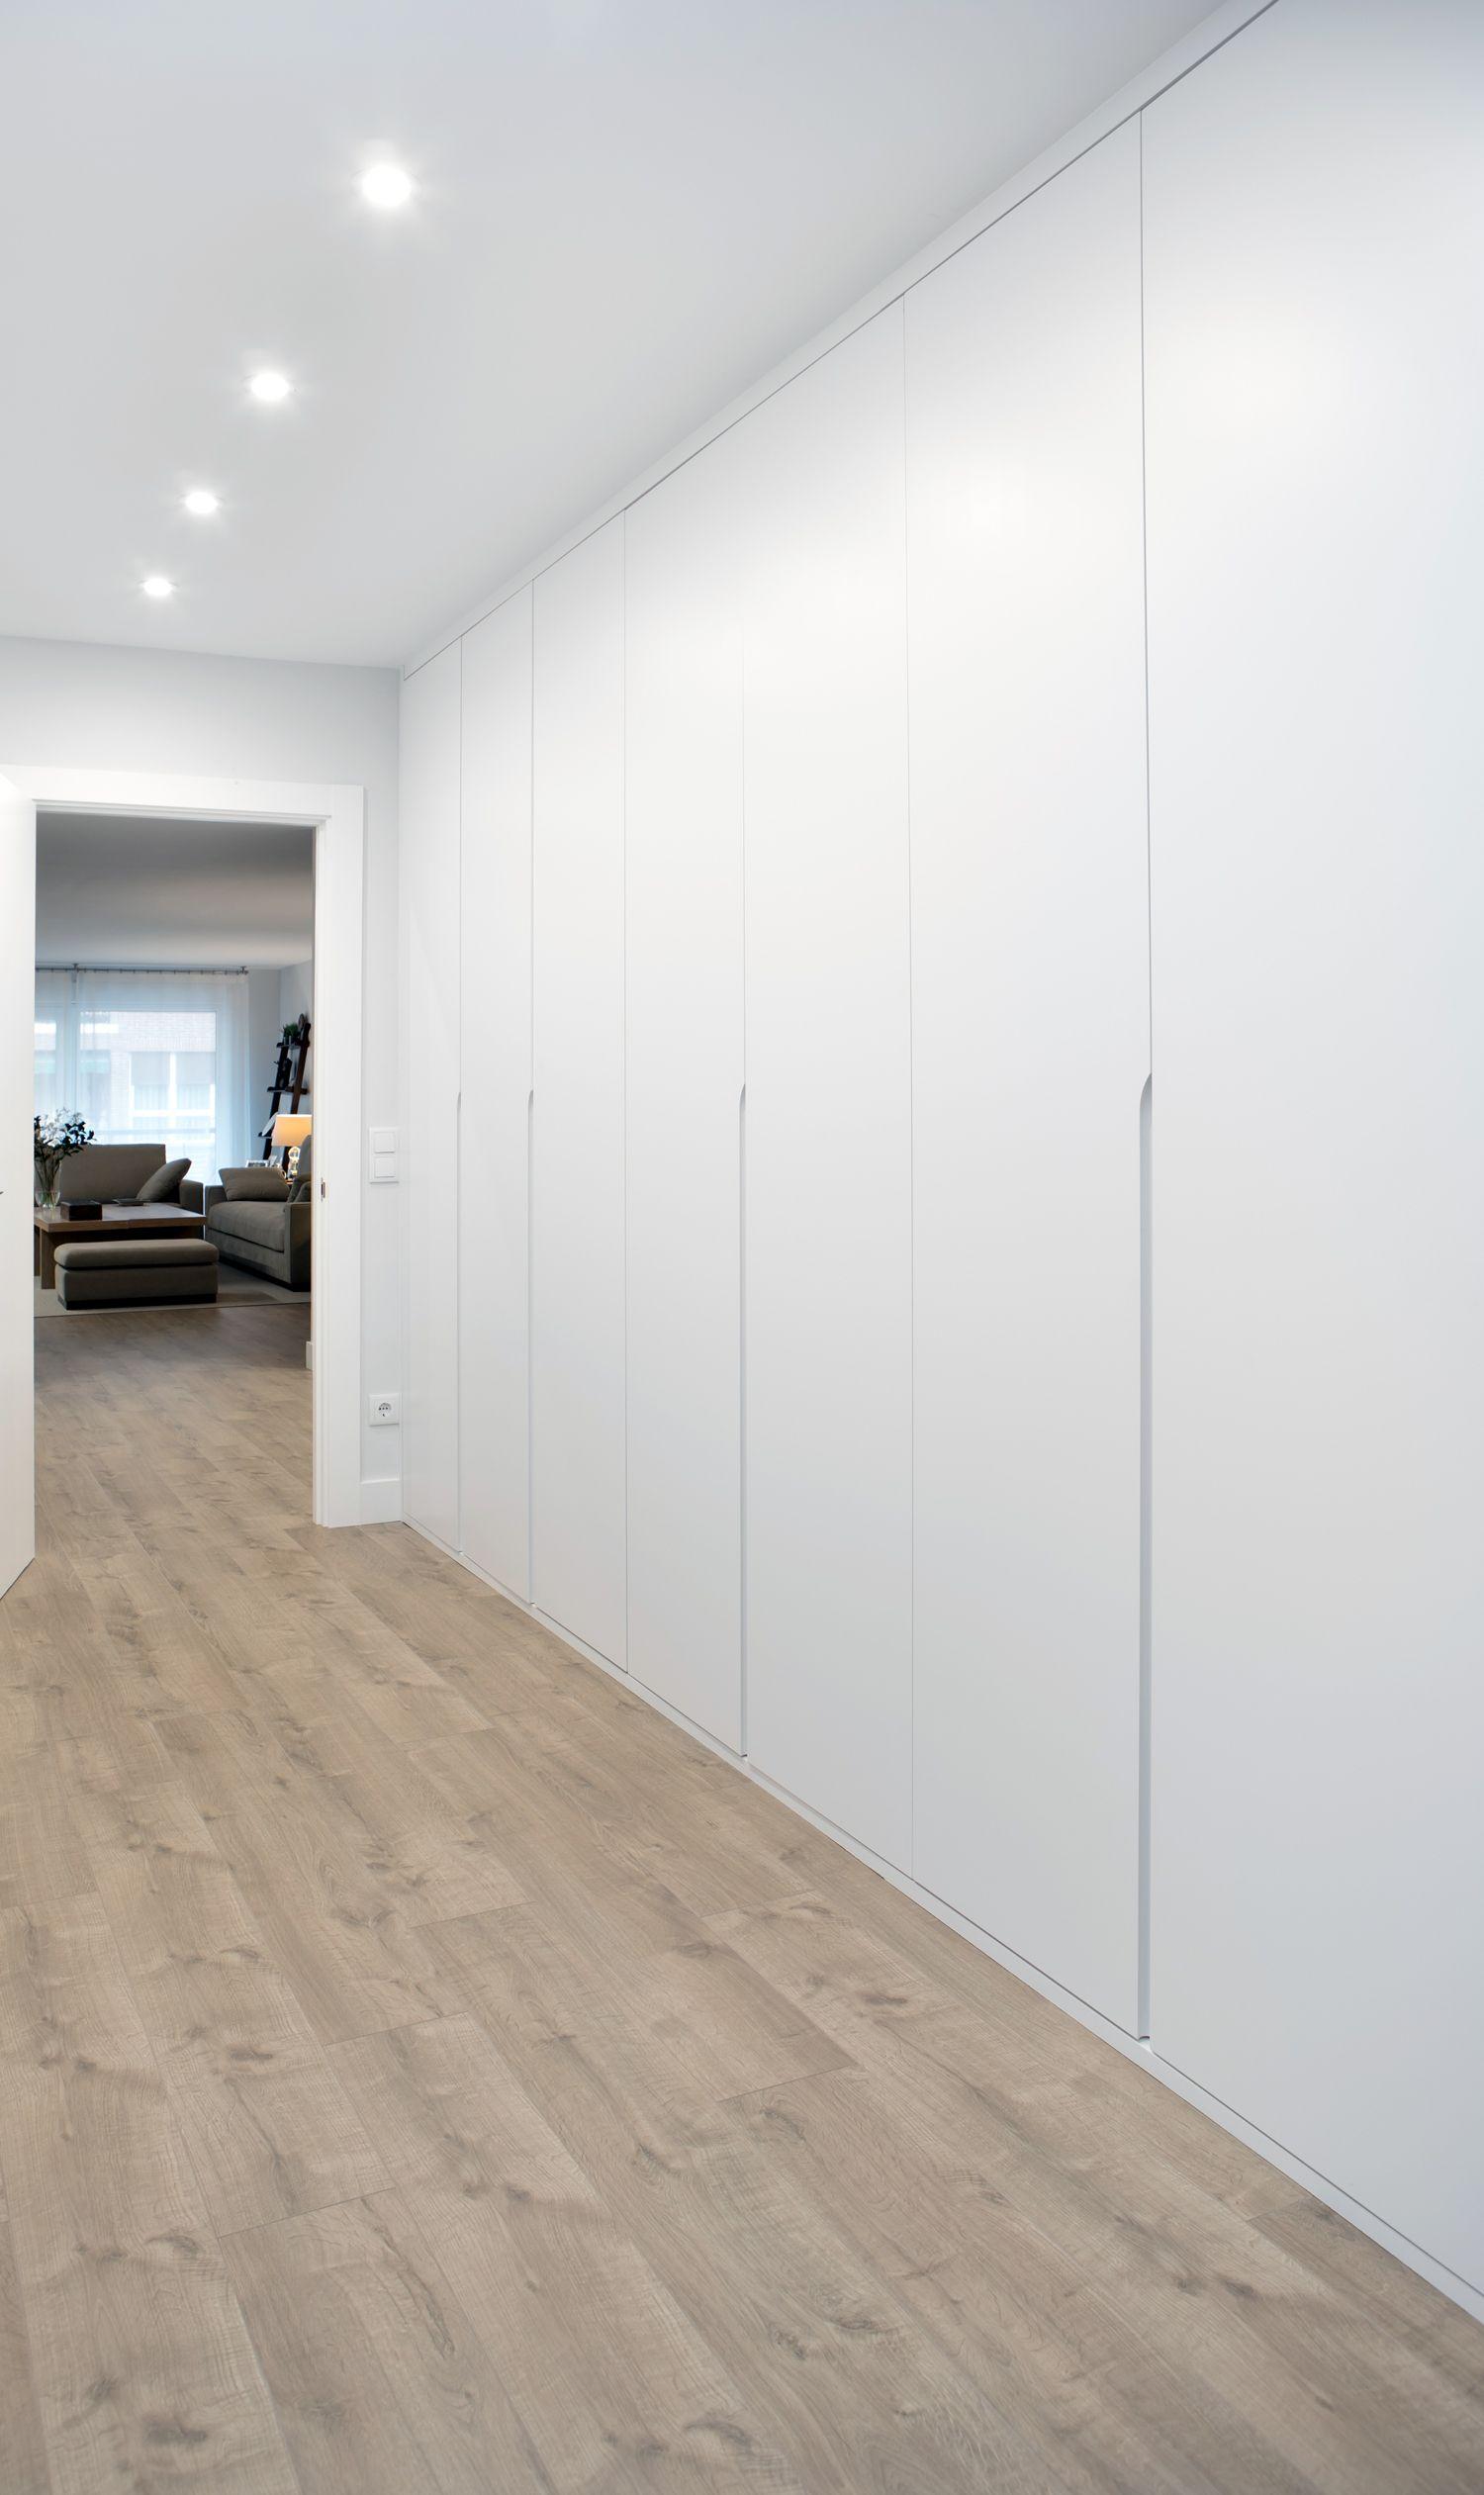 Interiorismo reforma vivienda privada centro | Perspectiva Moma